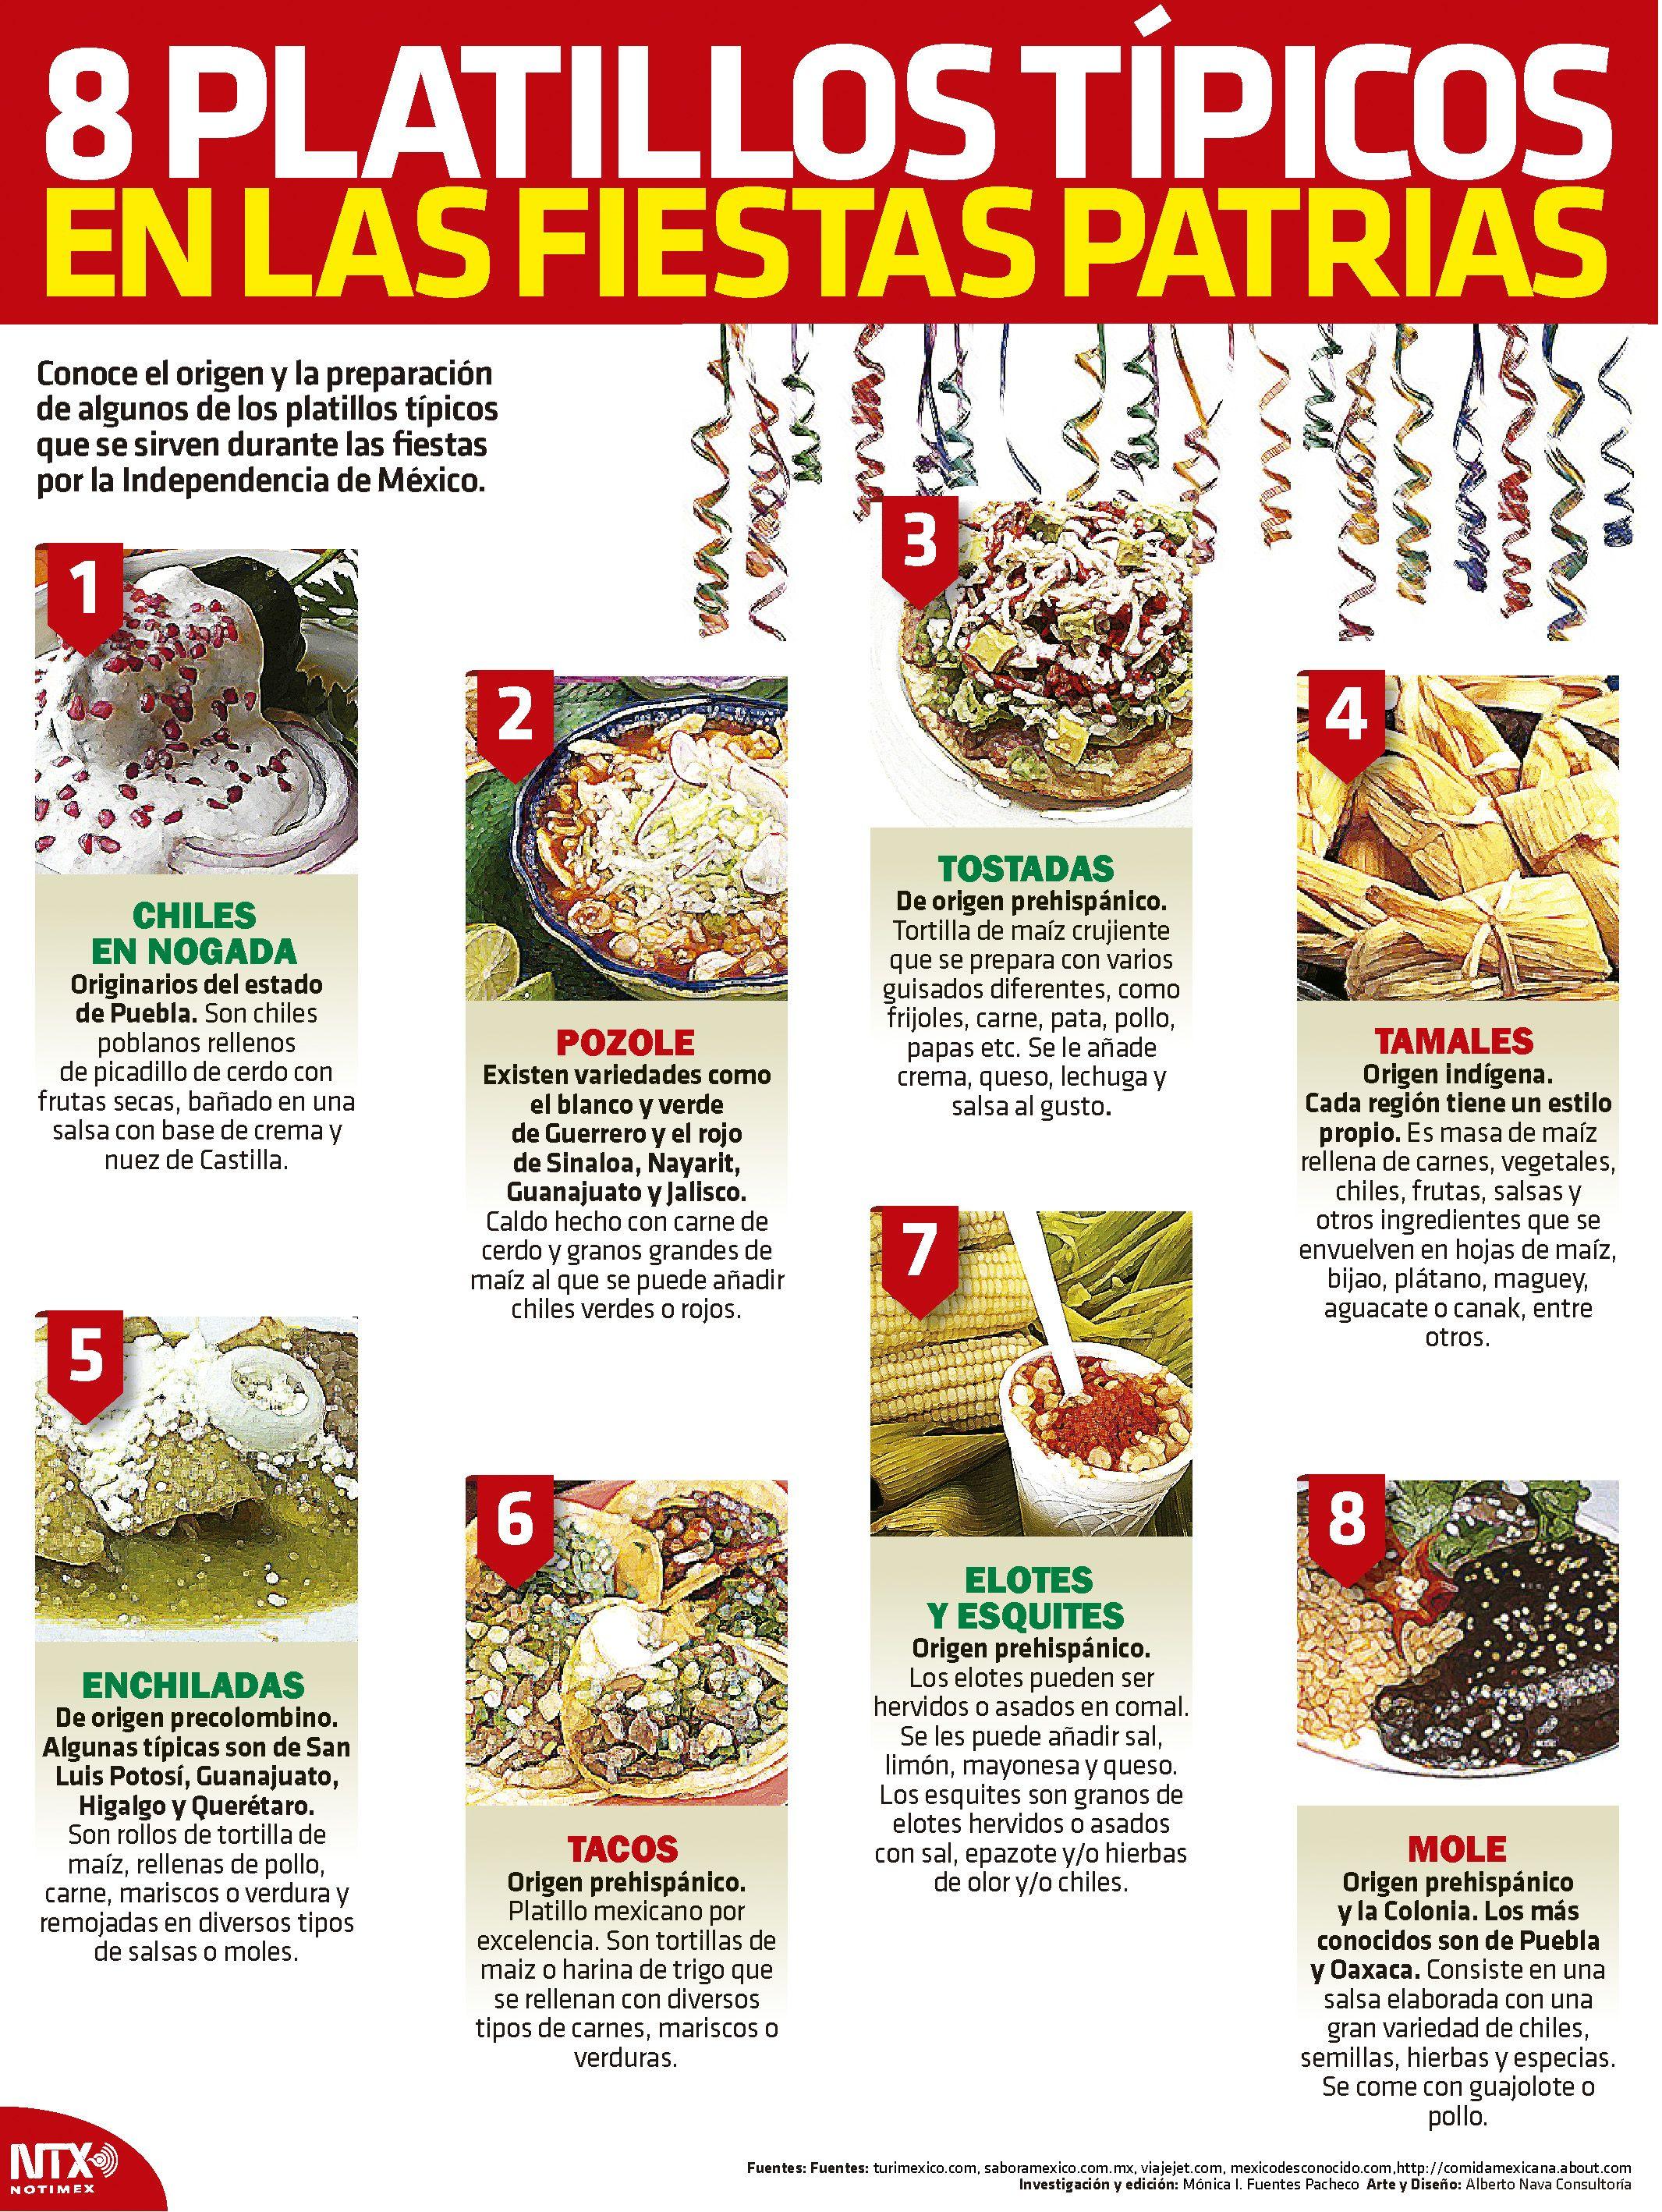 Te Presentamos 8 Platillos Tipicos Que Los Mexicanos